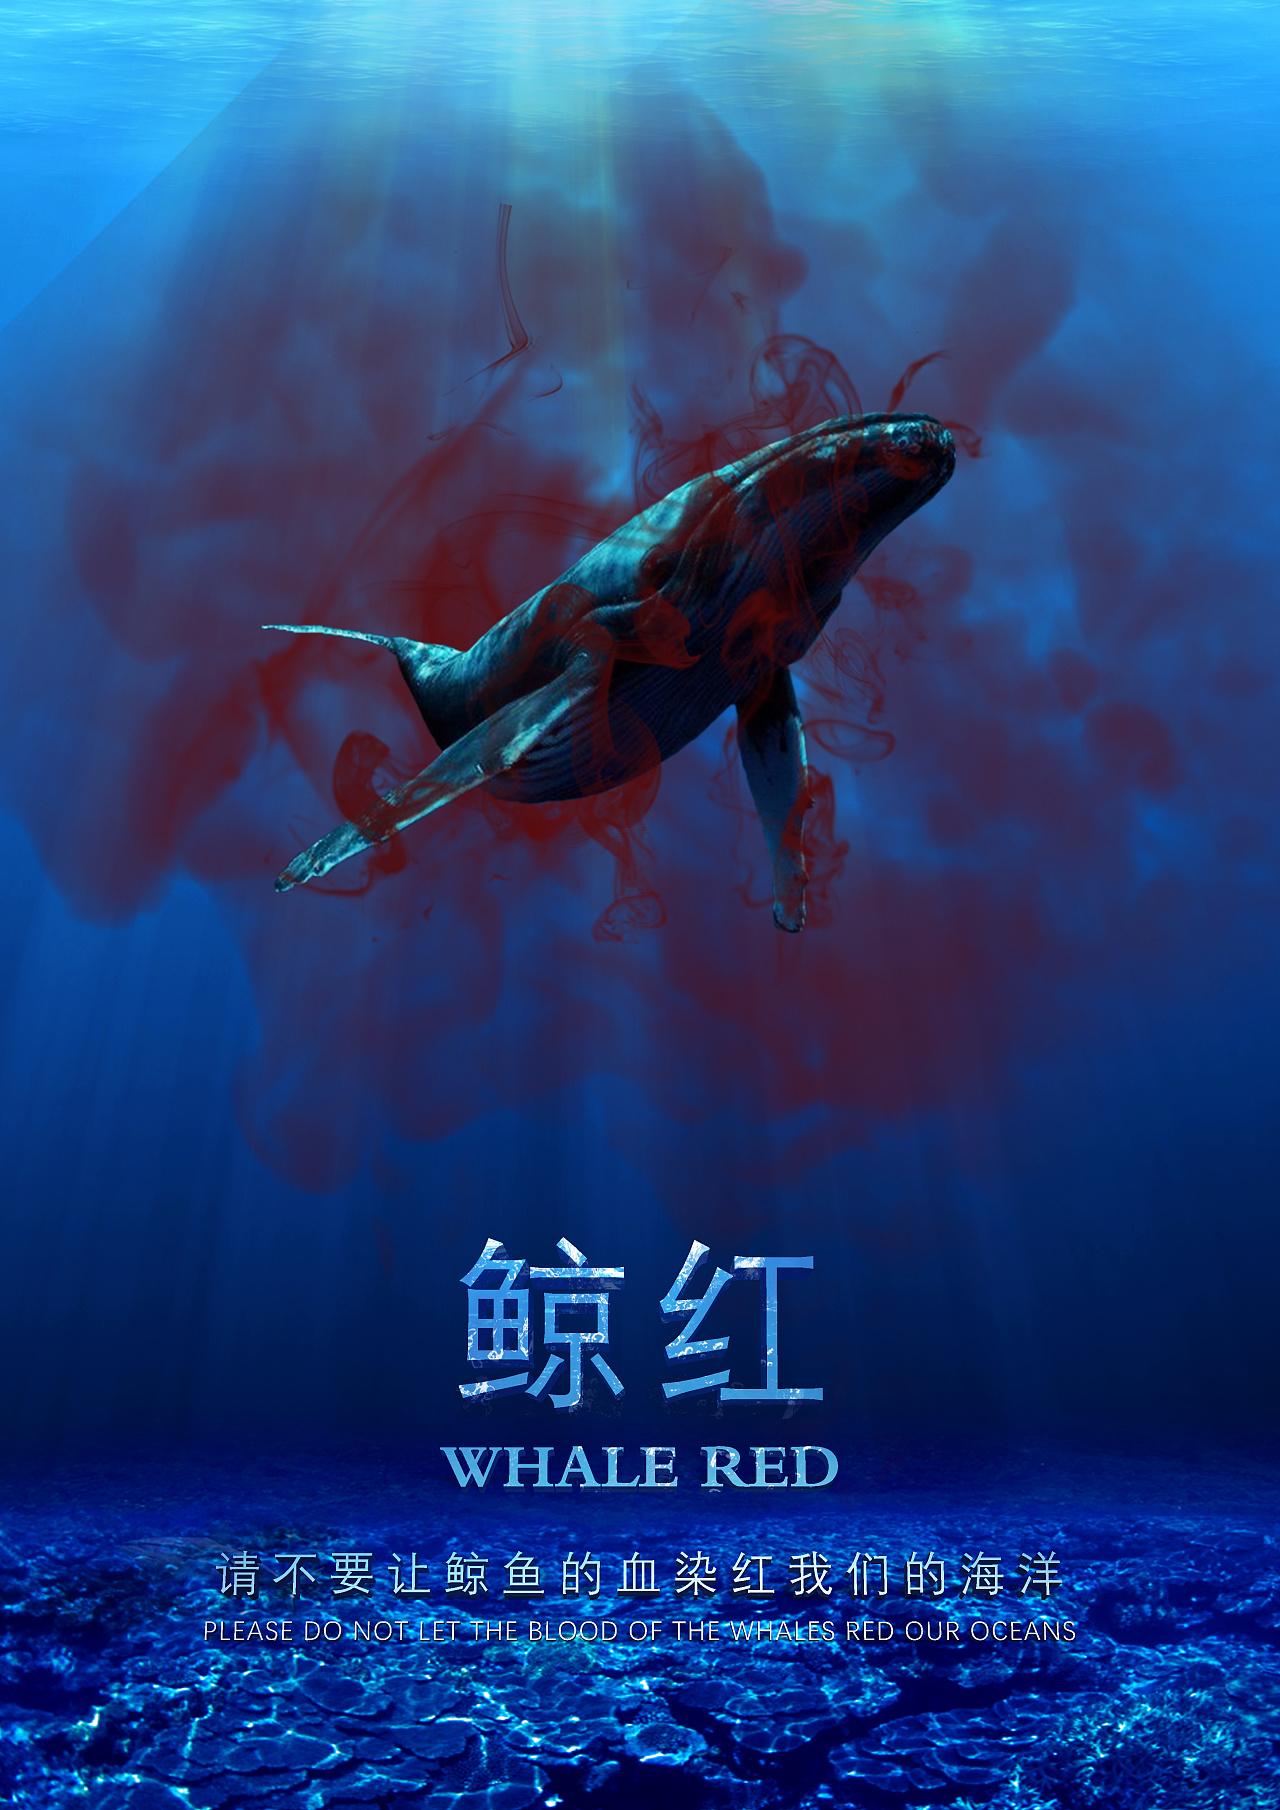 保护海洋的创意海报|平面|海报|圣皇大帝 - 原创作品